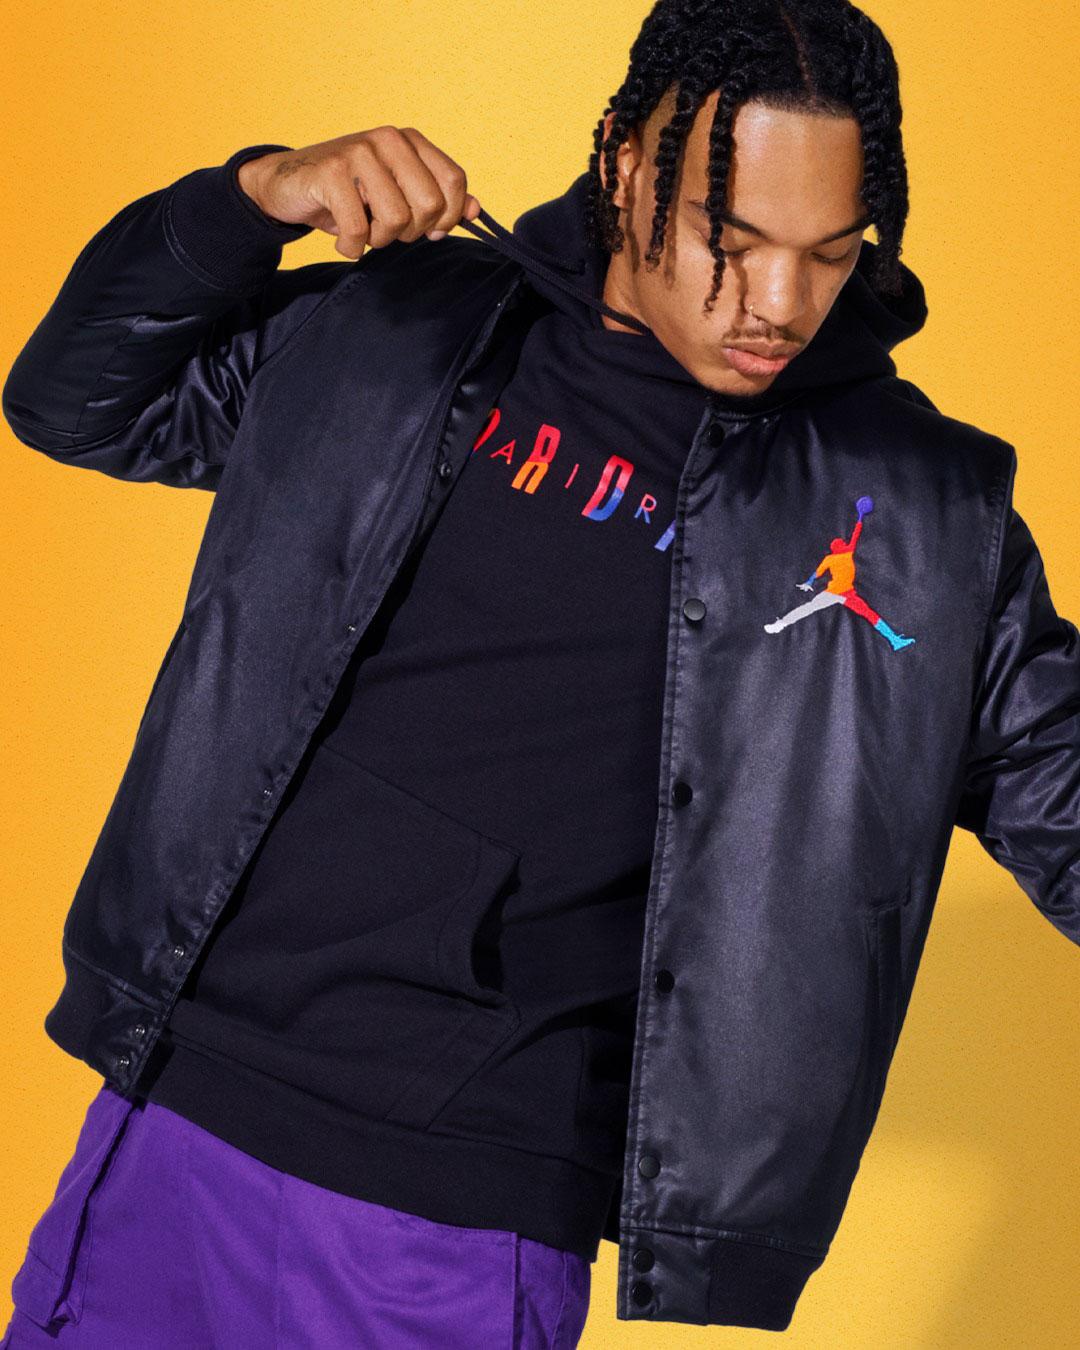 jordan-rivals-clothing-jacket-hoodie